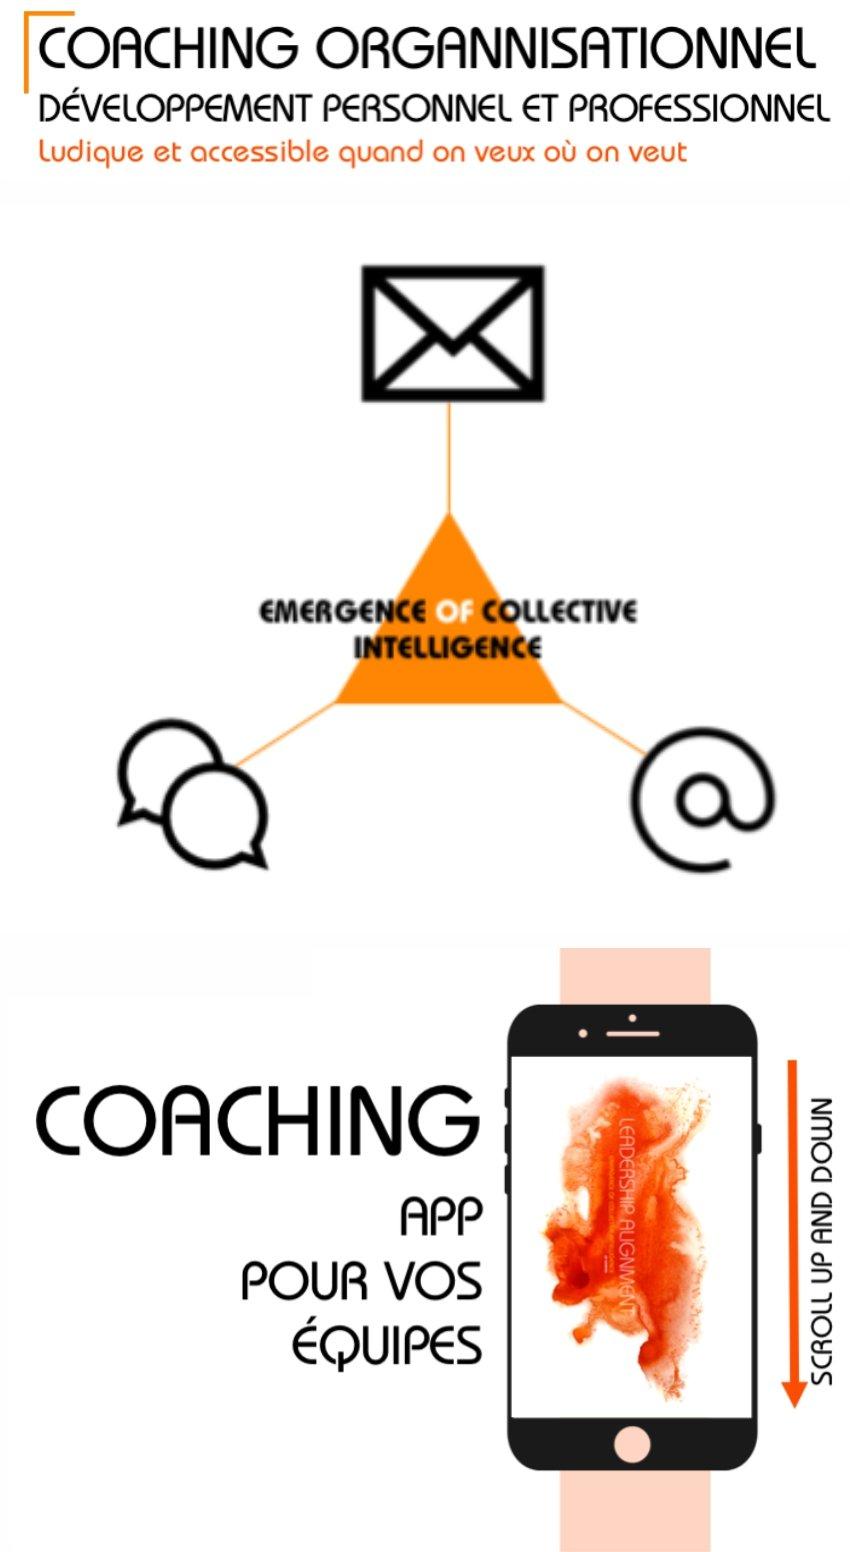 Coaching Organisationnel, Développement personnel et professionnel, Ludique et accessible quand on veut et où on veut, Coaching App pour vos équipes